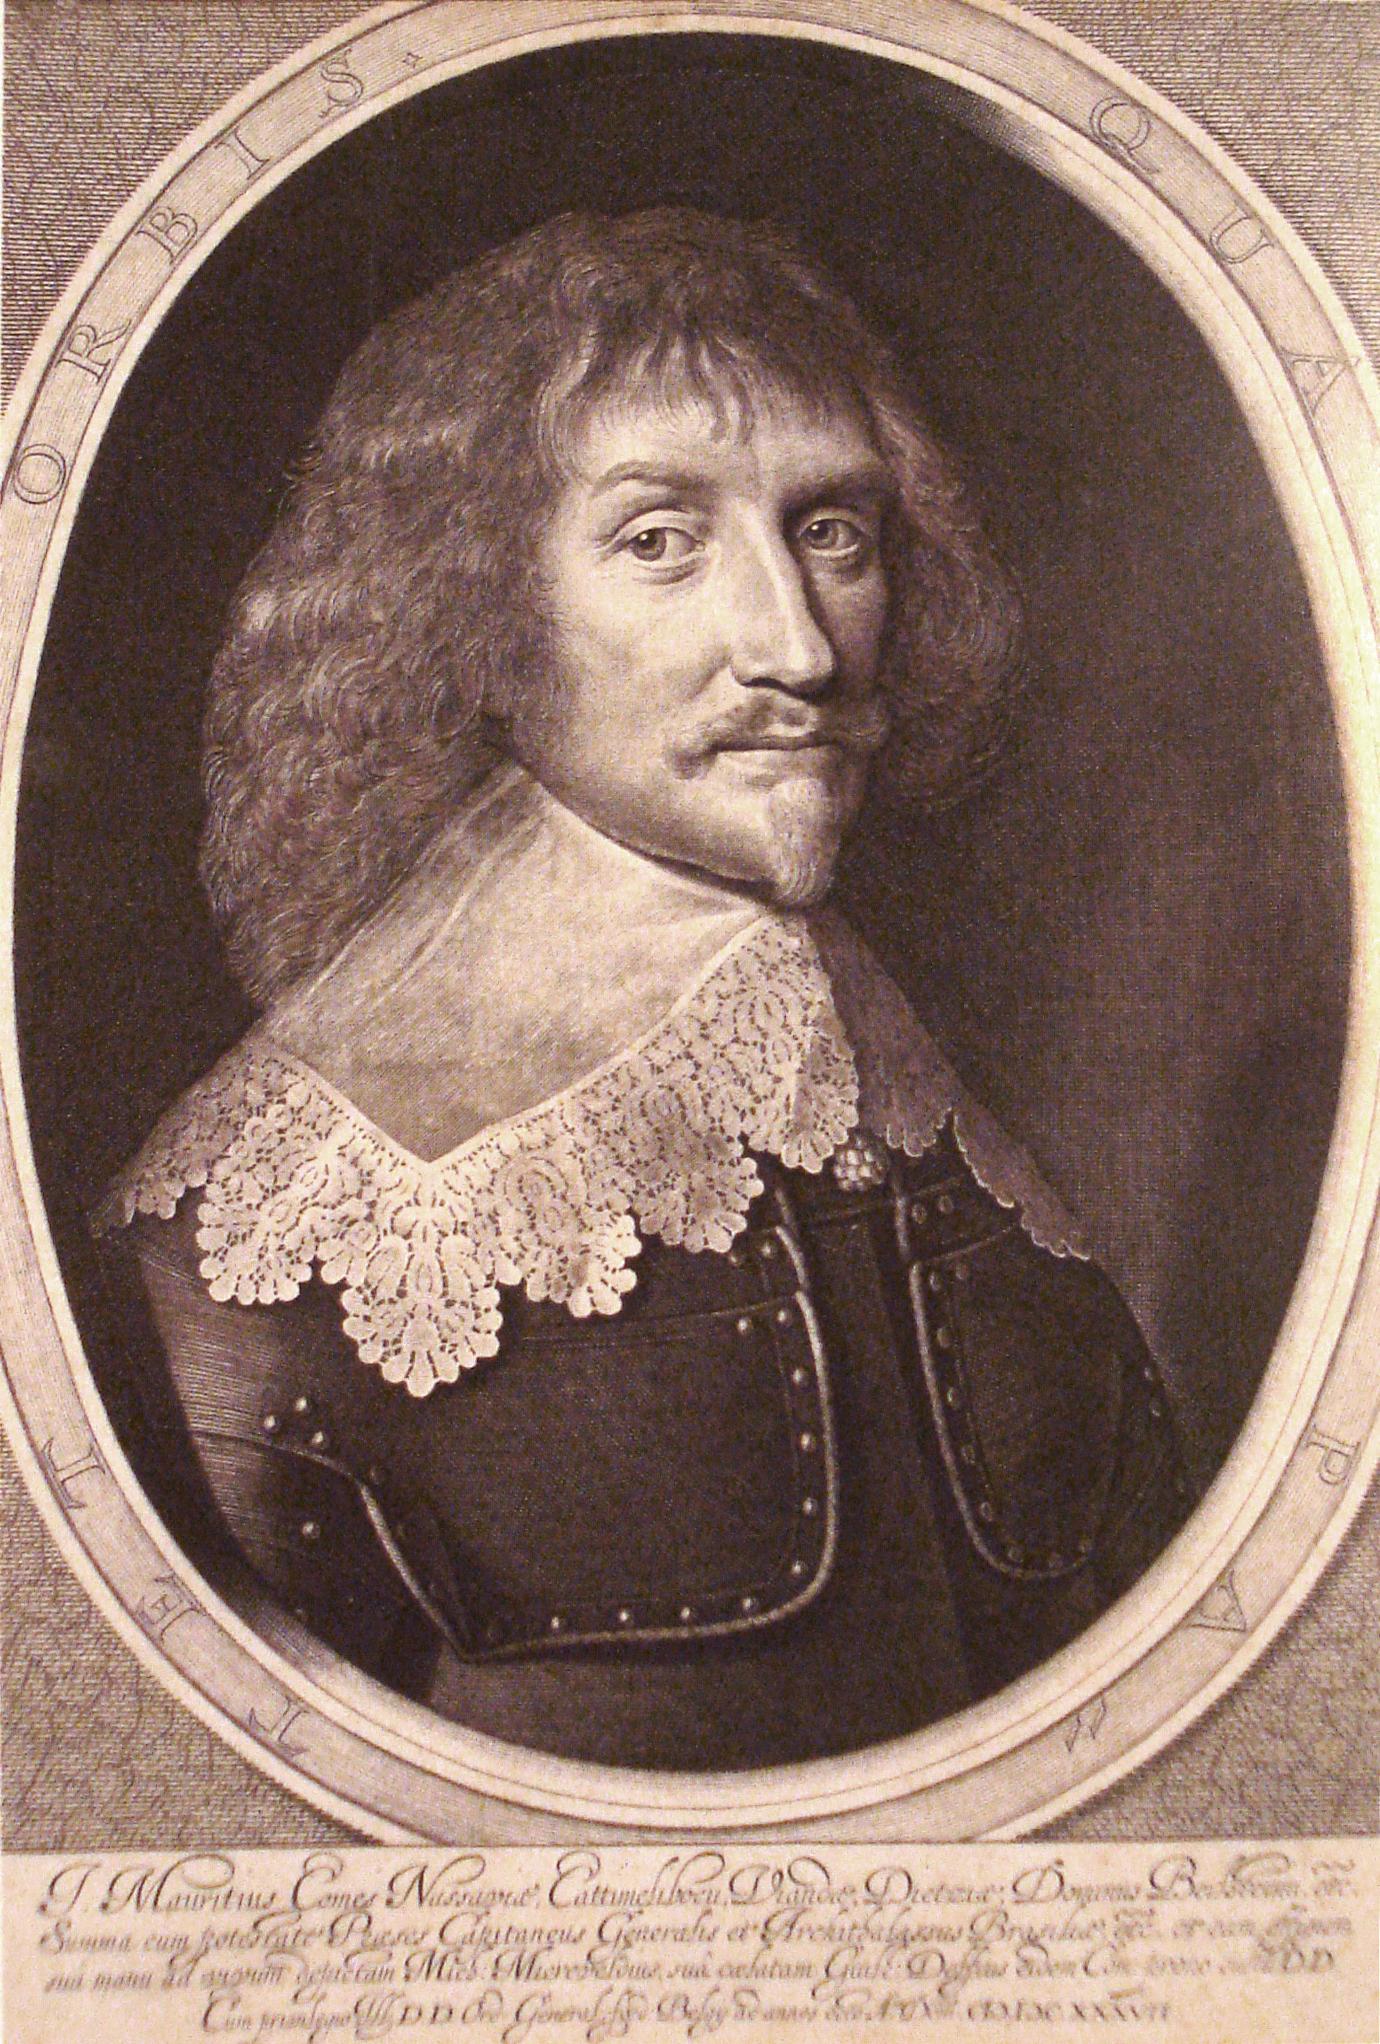 O mínimo que você precisa saber sobre Descartes para não ser um idiota